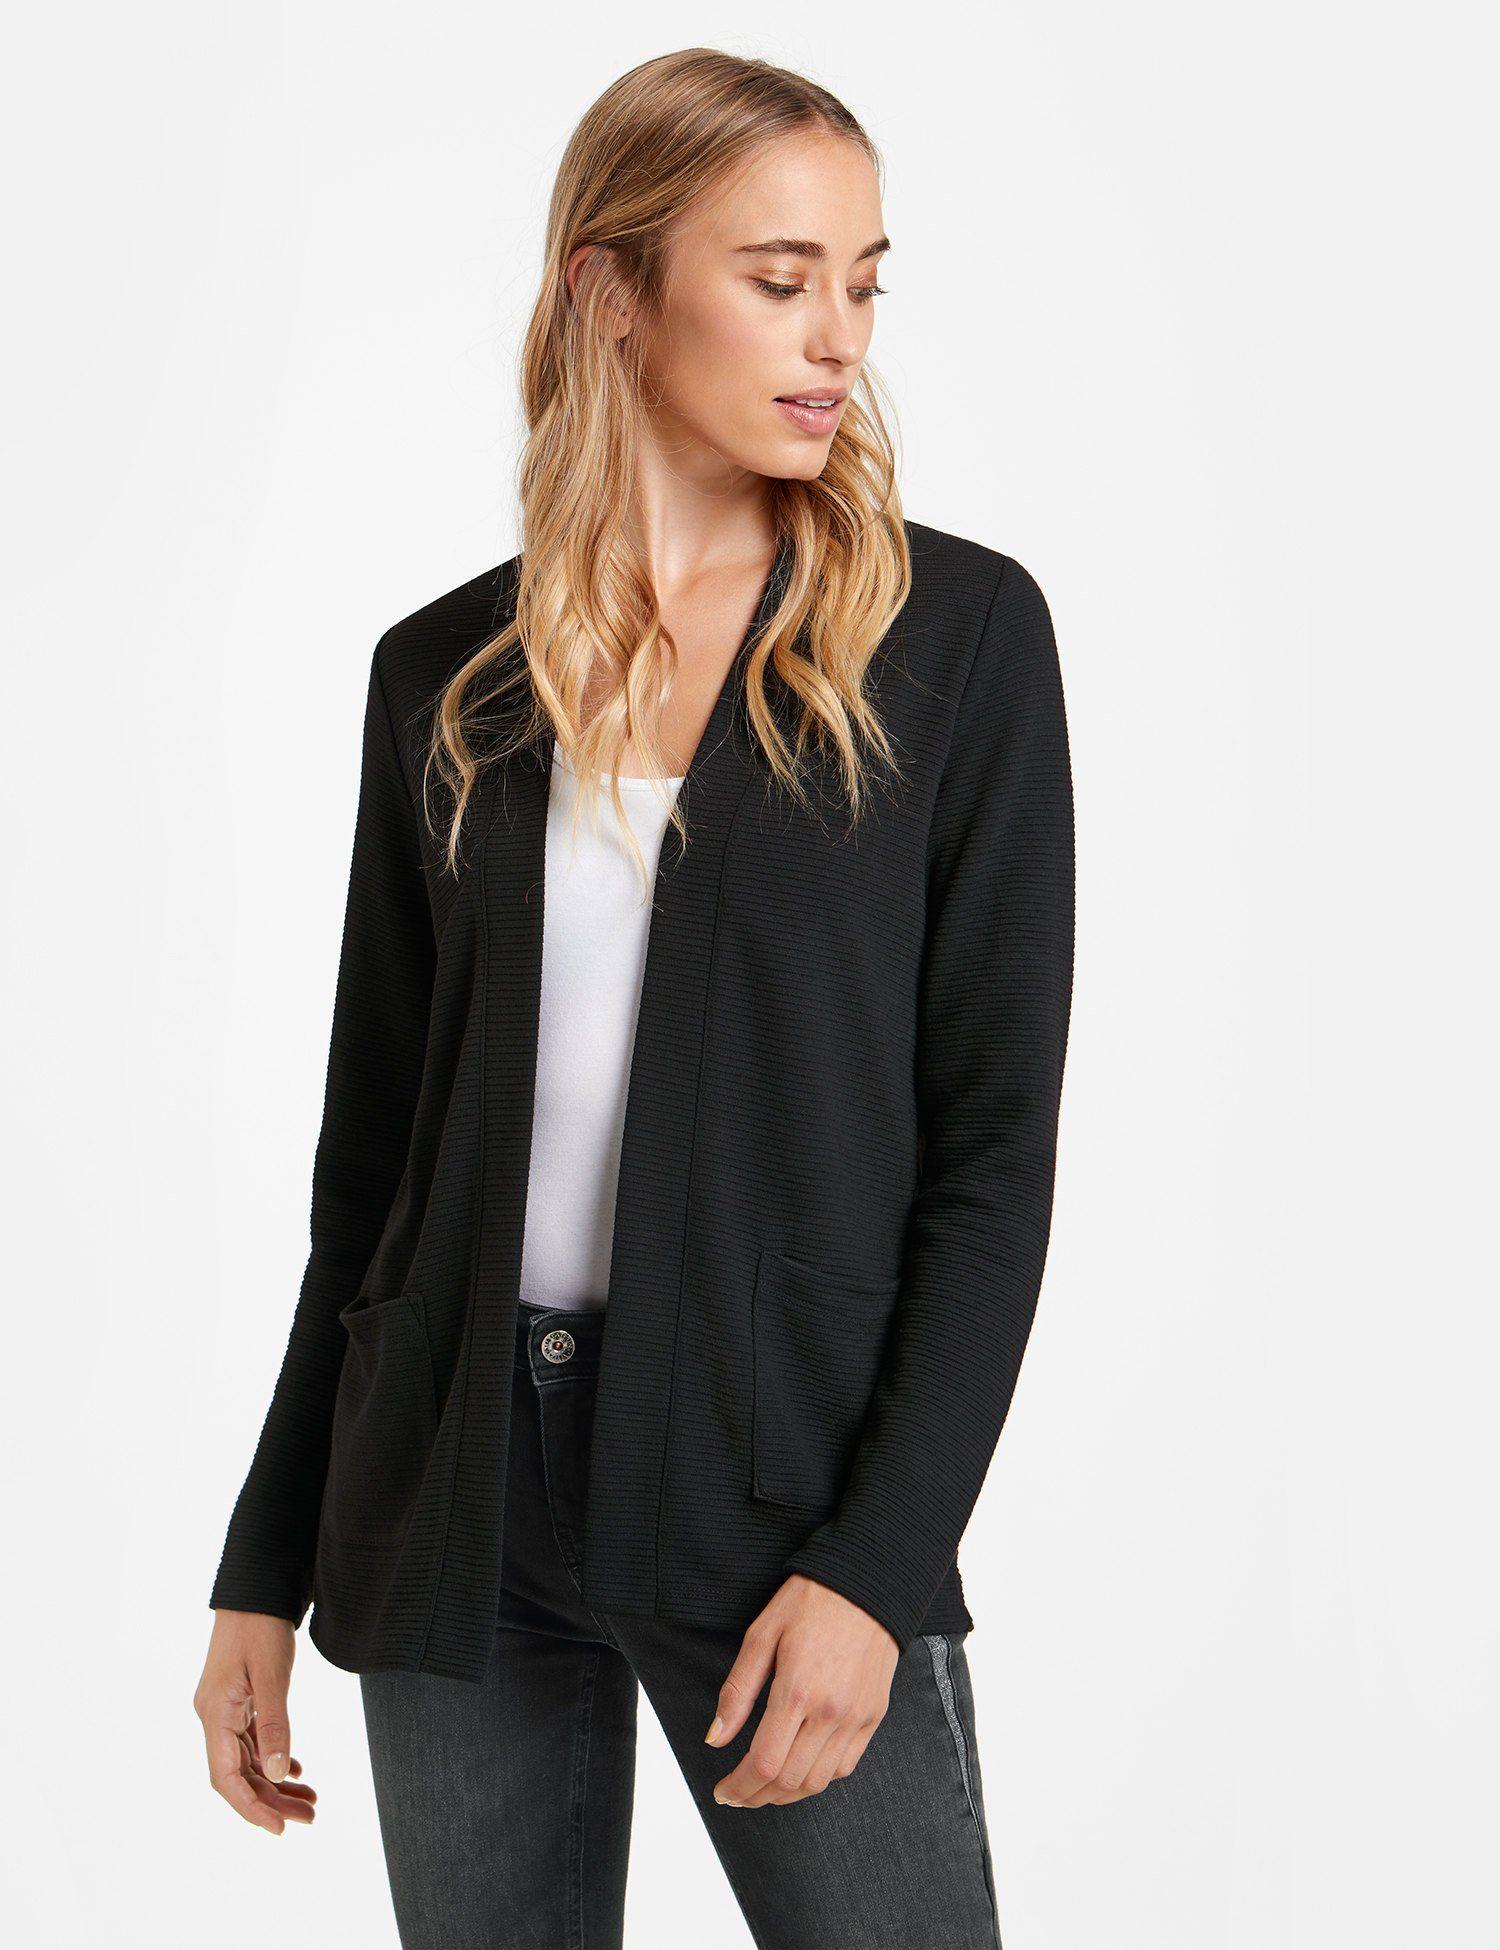 TAIFUN Jacke Gewirke »Shirtjacke mit Streifen-Struktur«